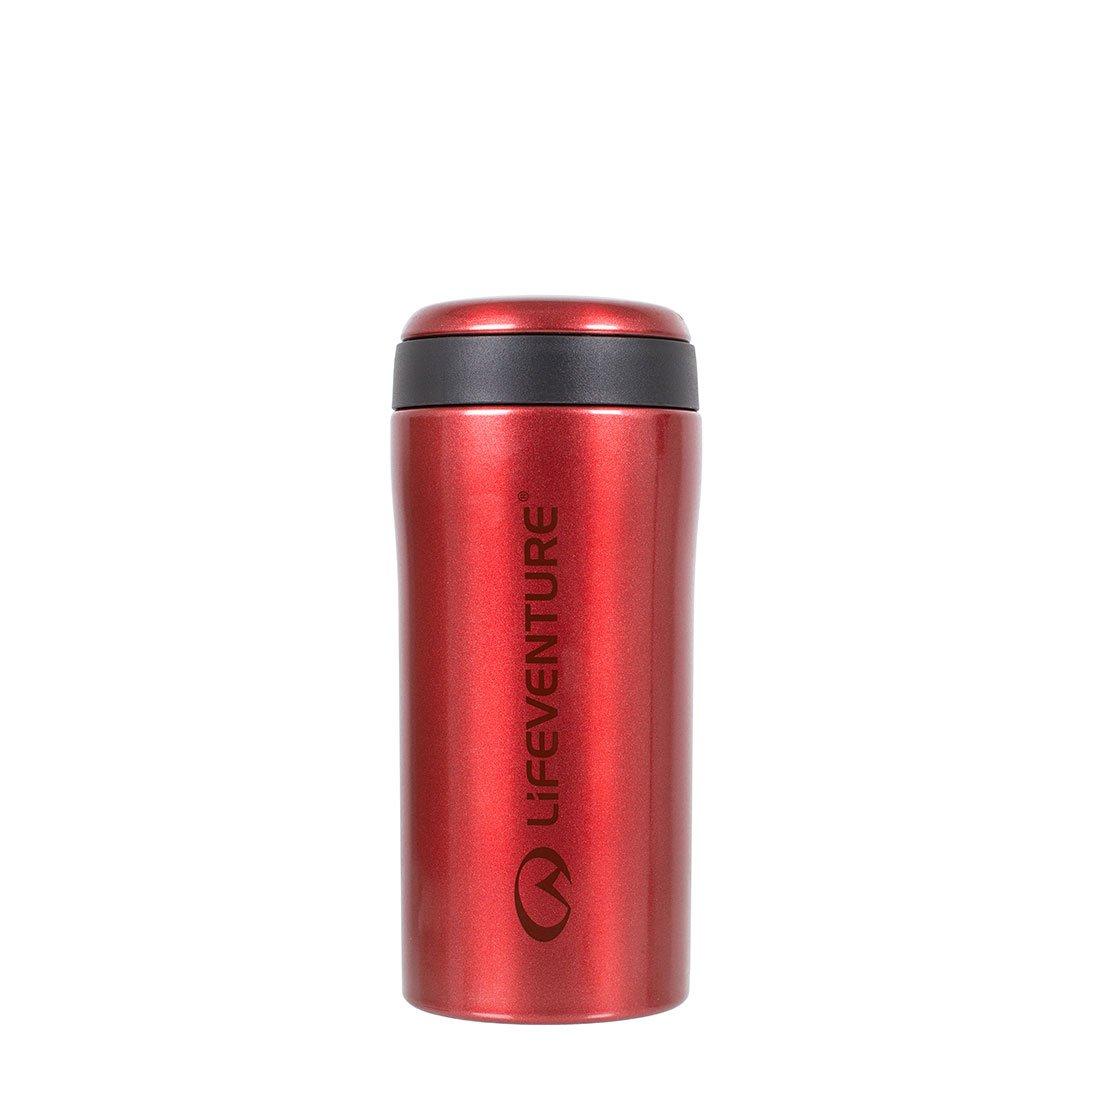 70dc33e8624 Thermal Mug | Thermal Travel Mug | Lifeventure